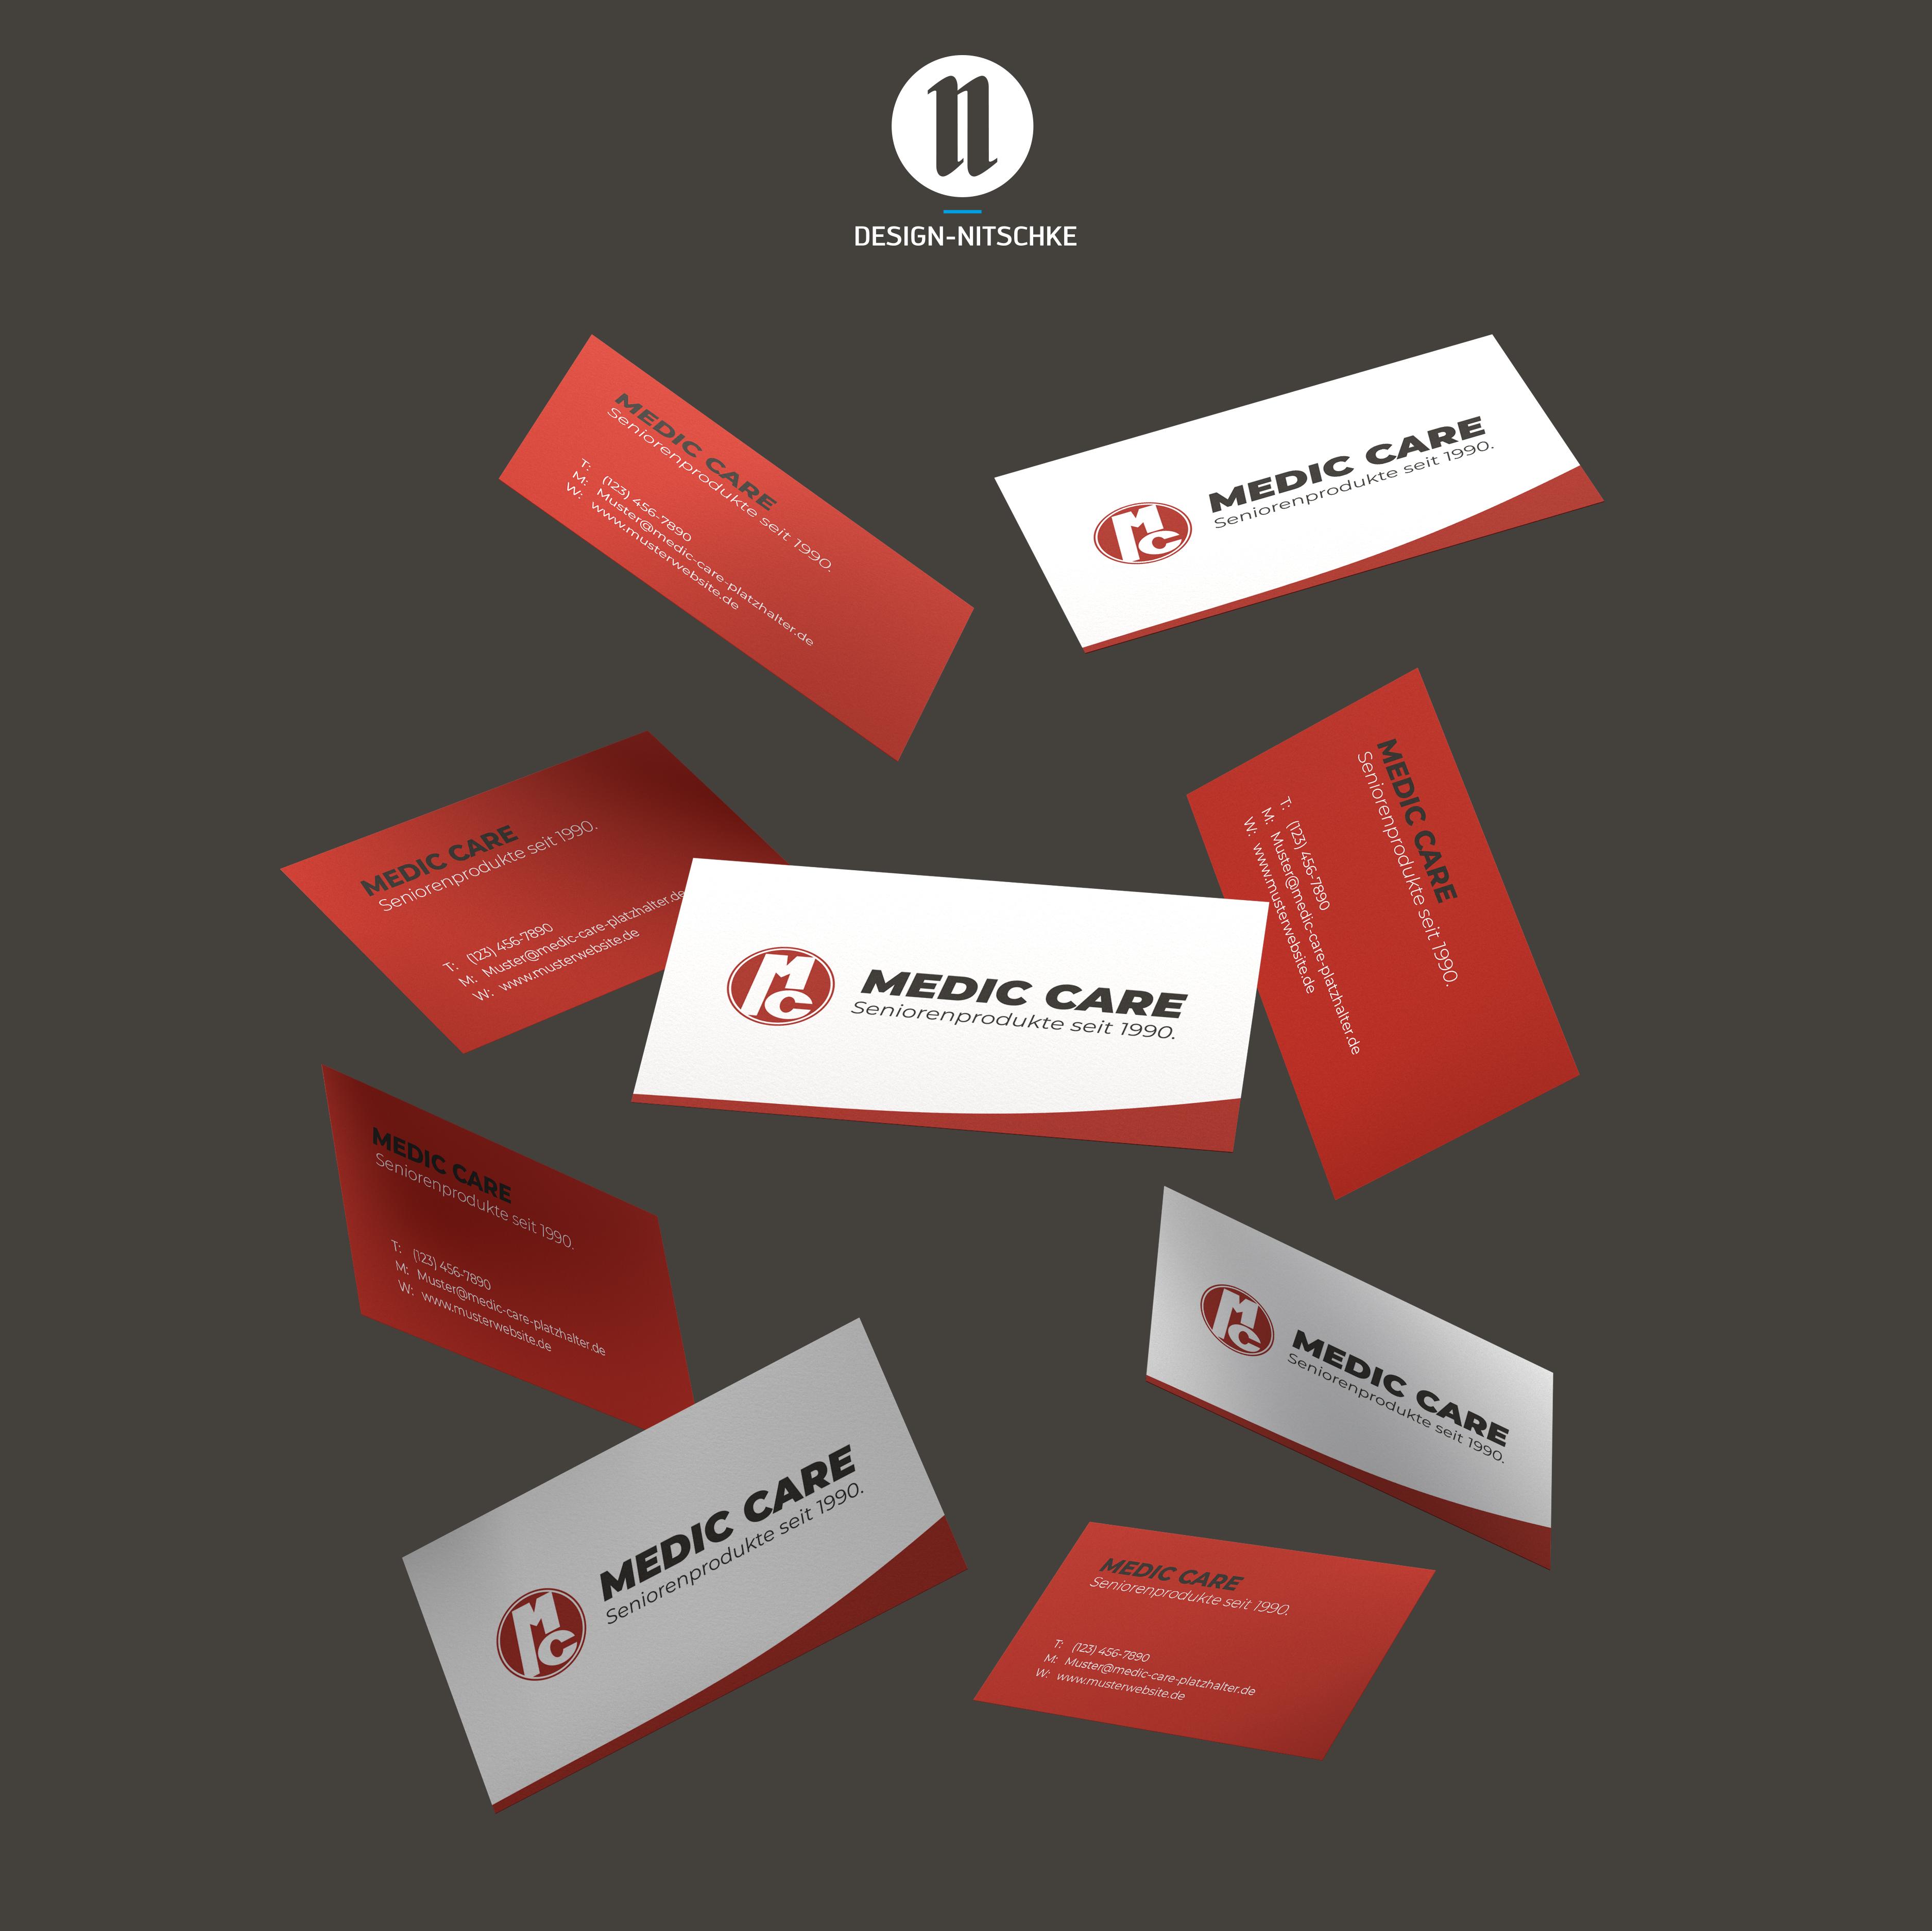 medic_care_seniorenprodukte_visitenkarten_ci_logo_redesign_nitschke_werbeagentur_oranienburg.jpg